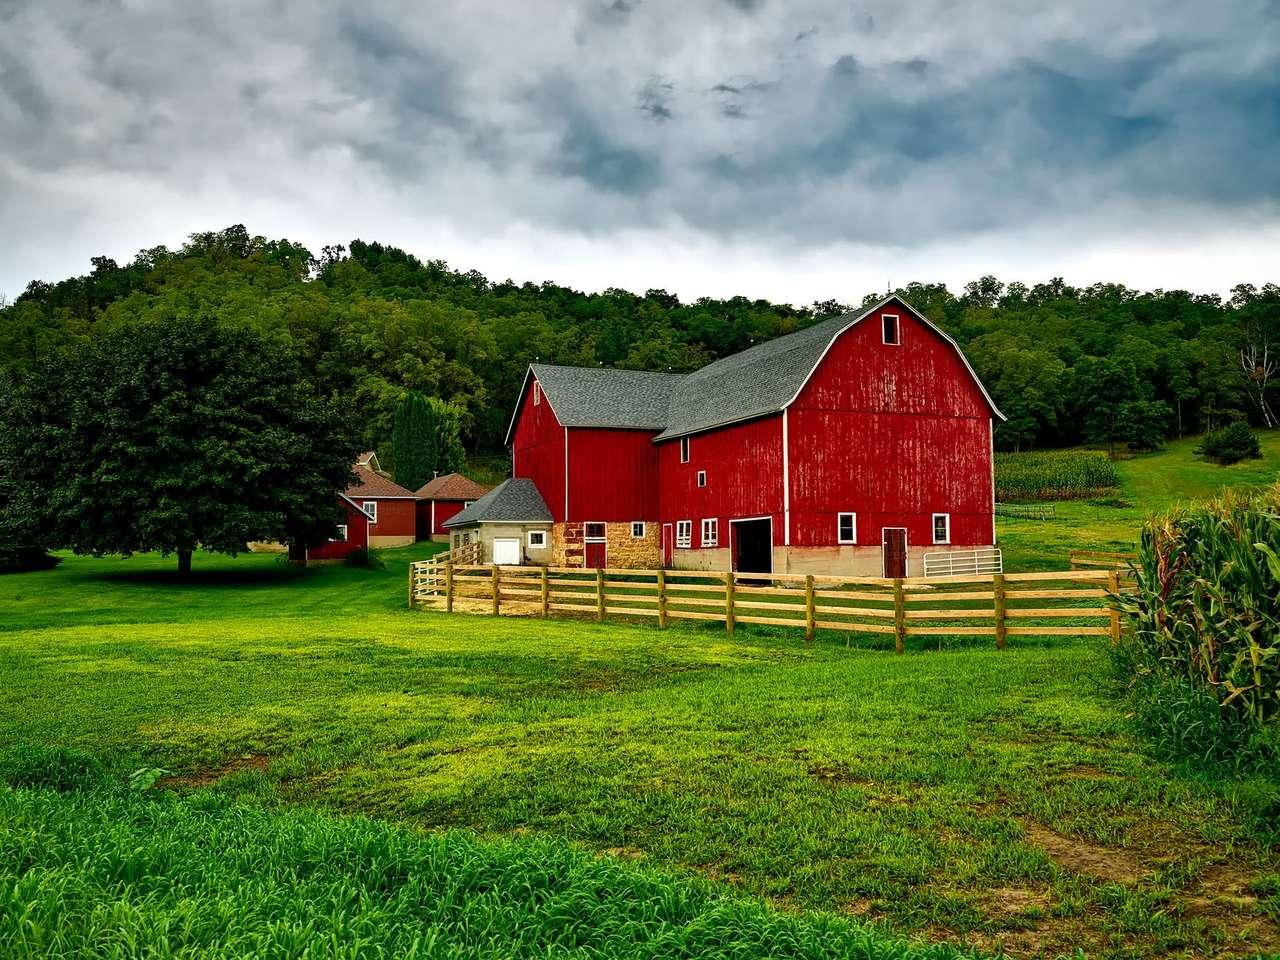 piros ház - Piros ház a zöld mező közepén (19×15)